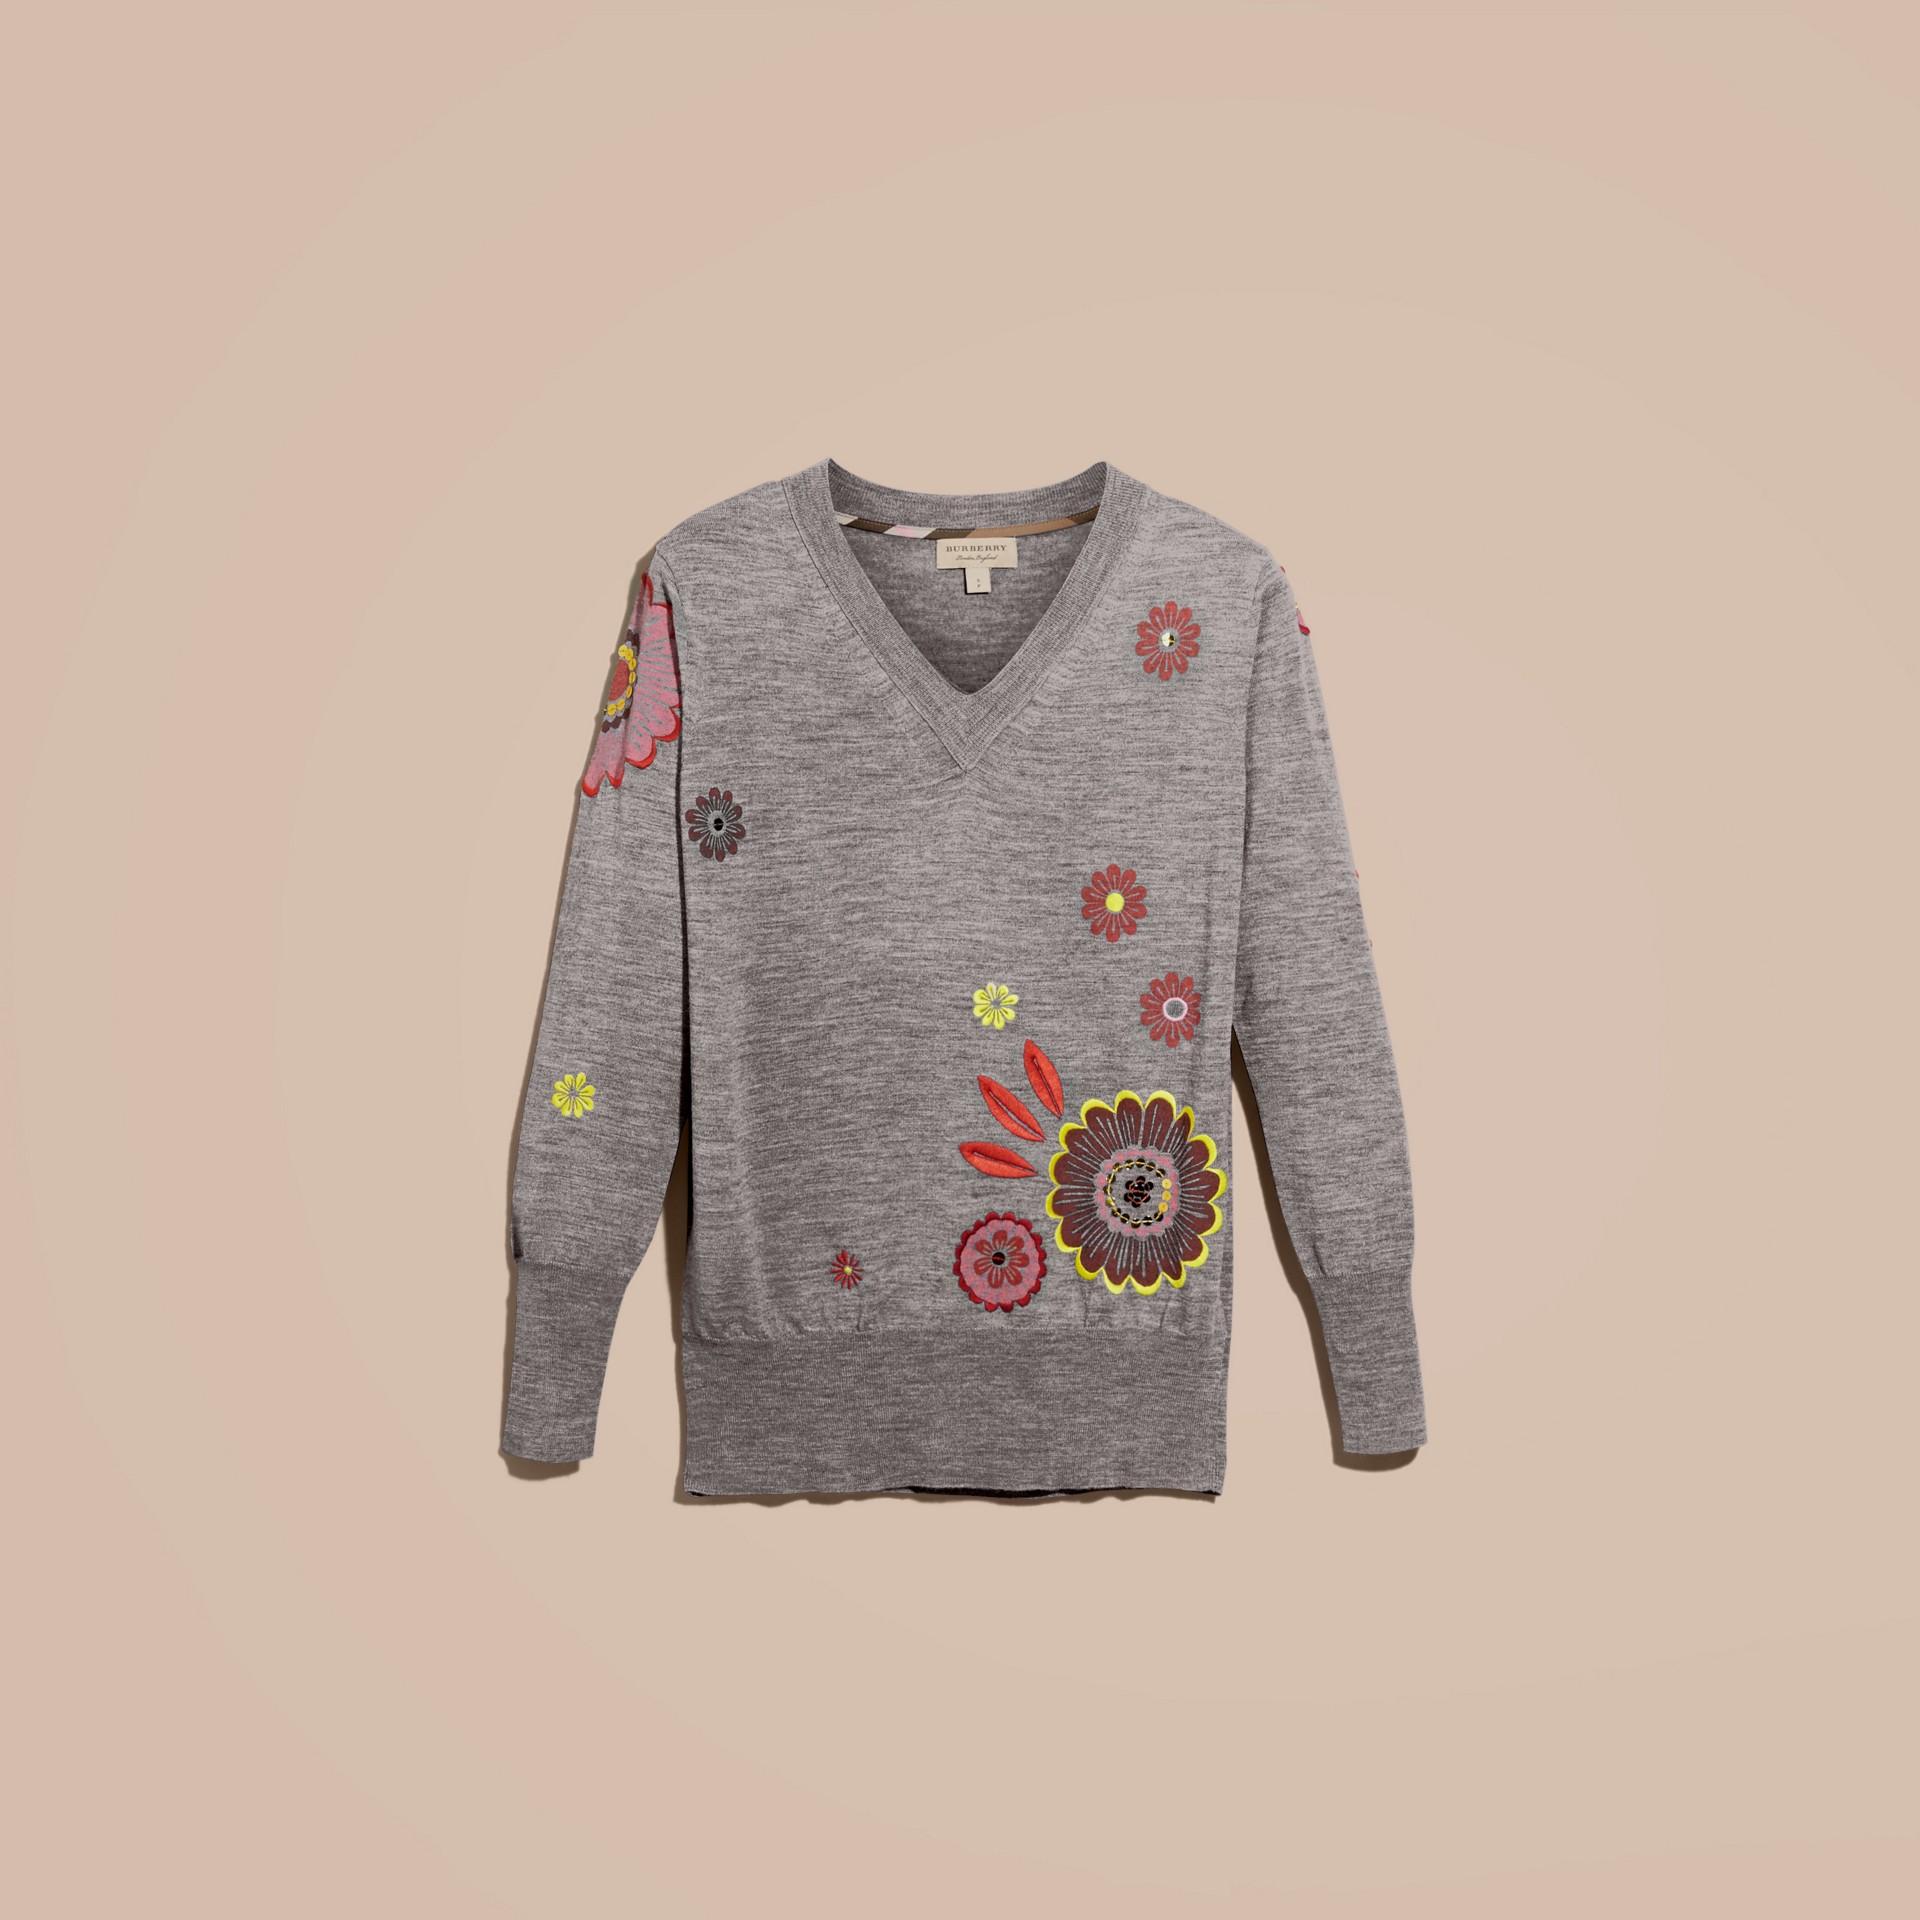 Grigio medio mélange Pullover in lana Merino con scollo a V e decorazione floreale - immagine della galleria 4